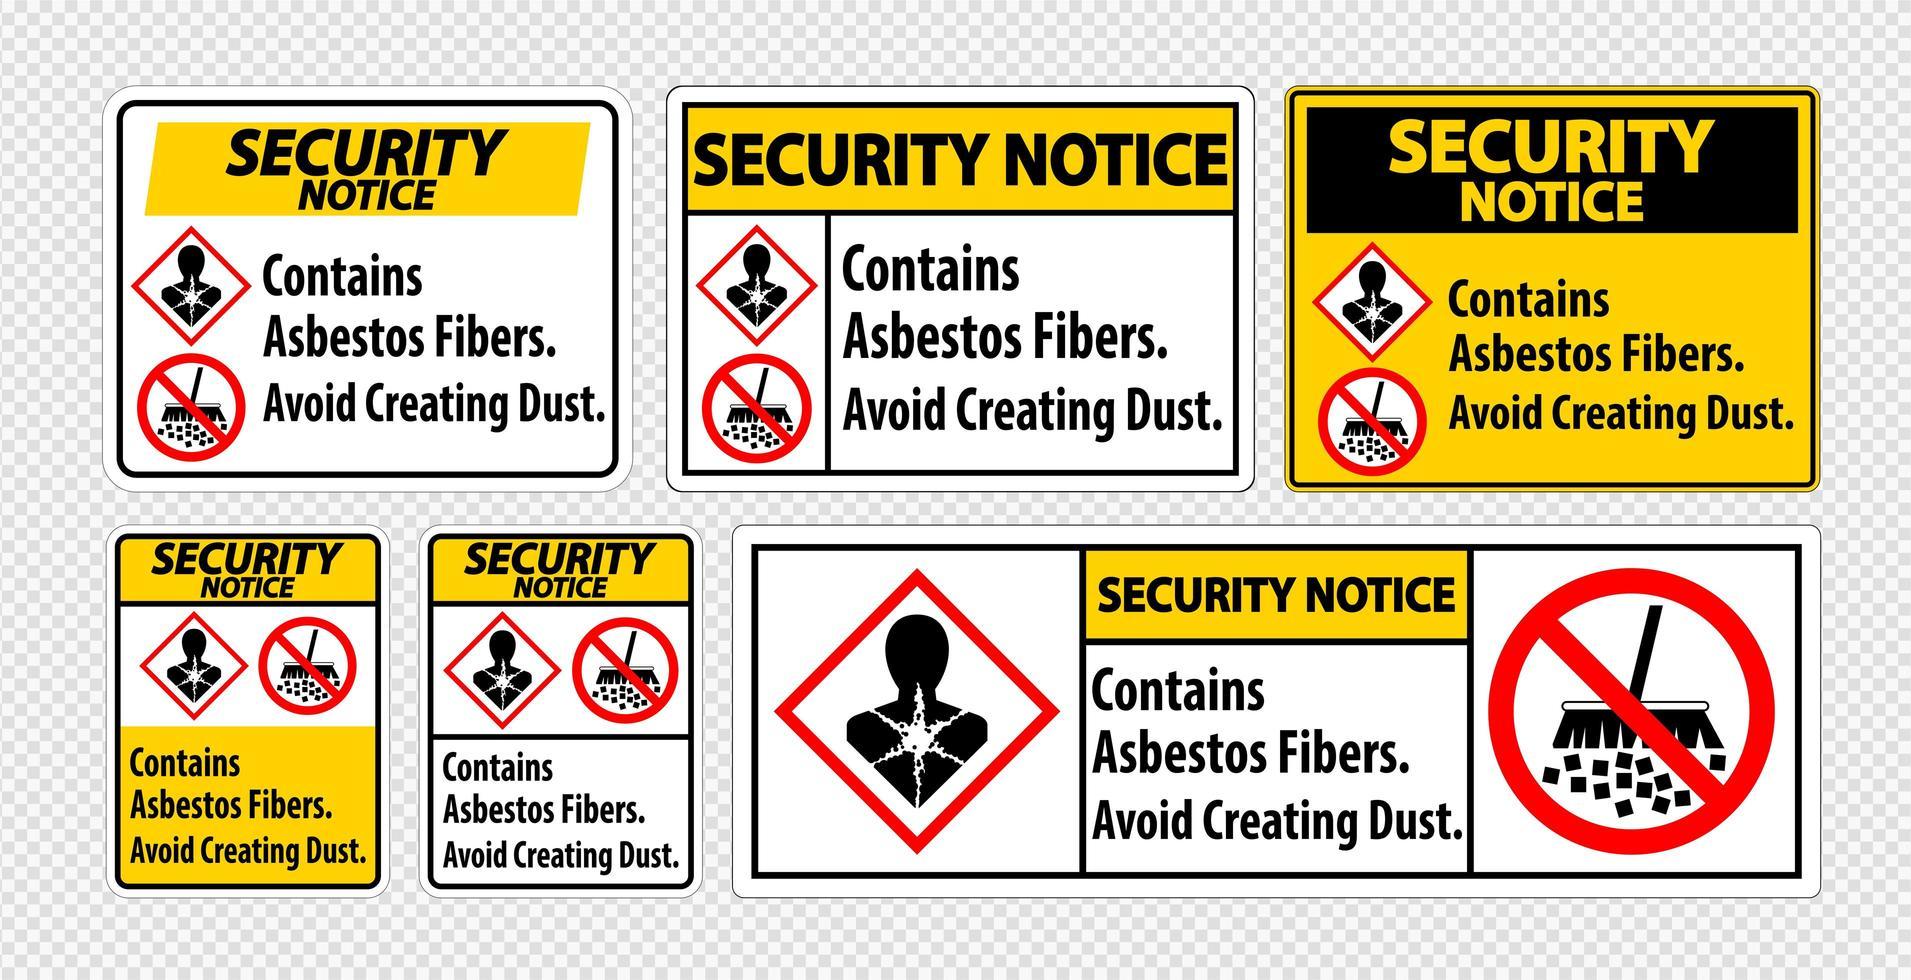 consignes de sécurité pour éviter l'amiante vecteur